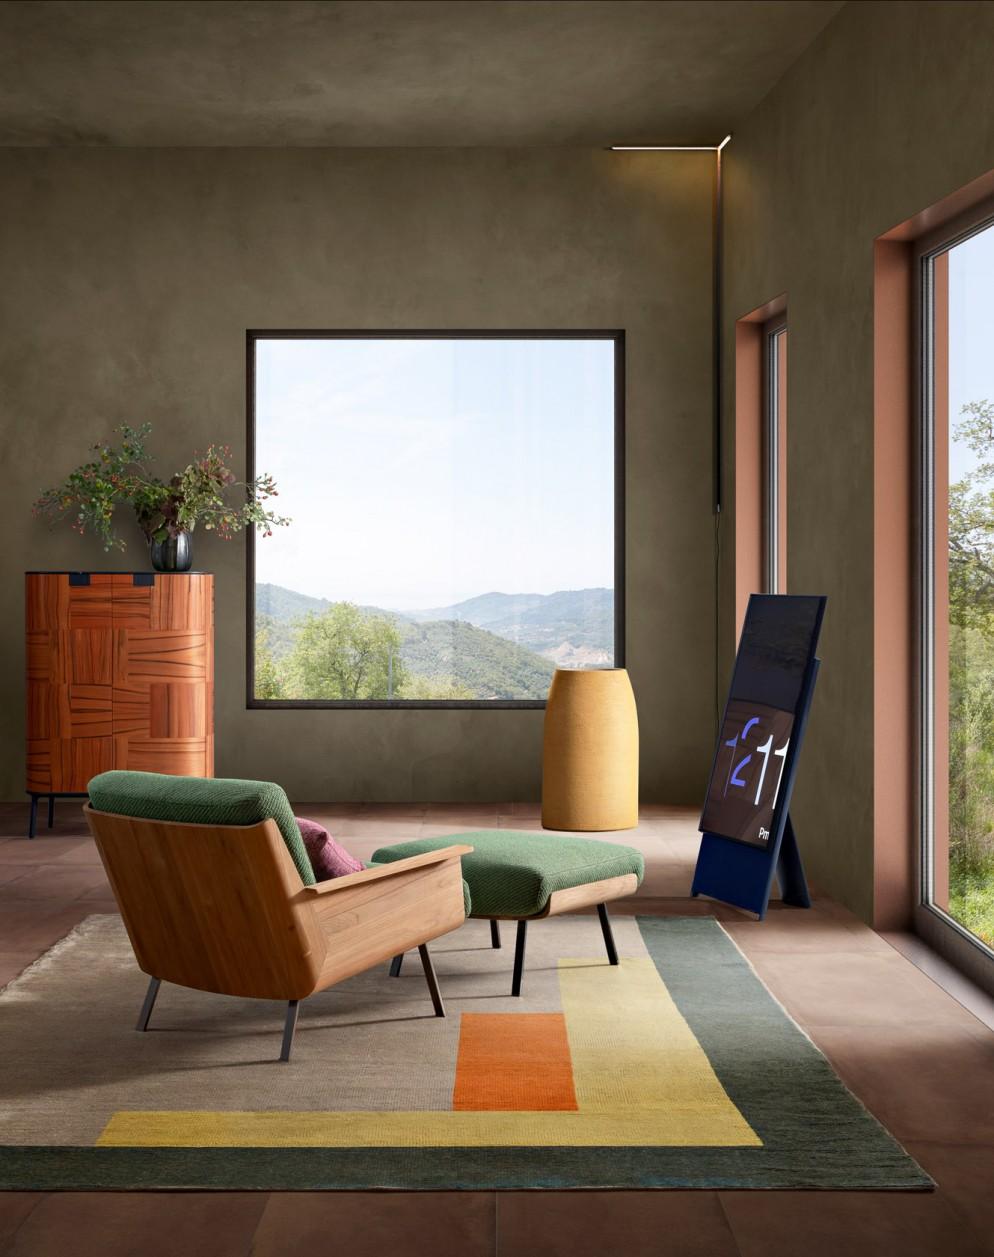 idee-arredare-casa-lampade-divani-sedie-letti-poltrone-04